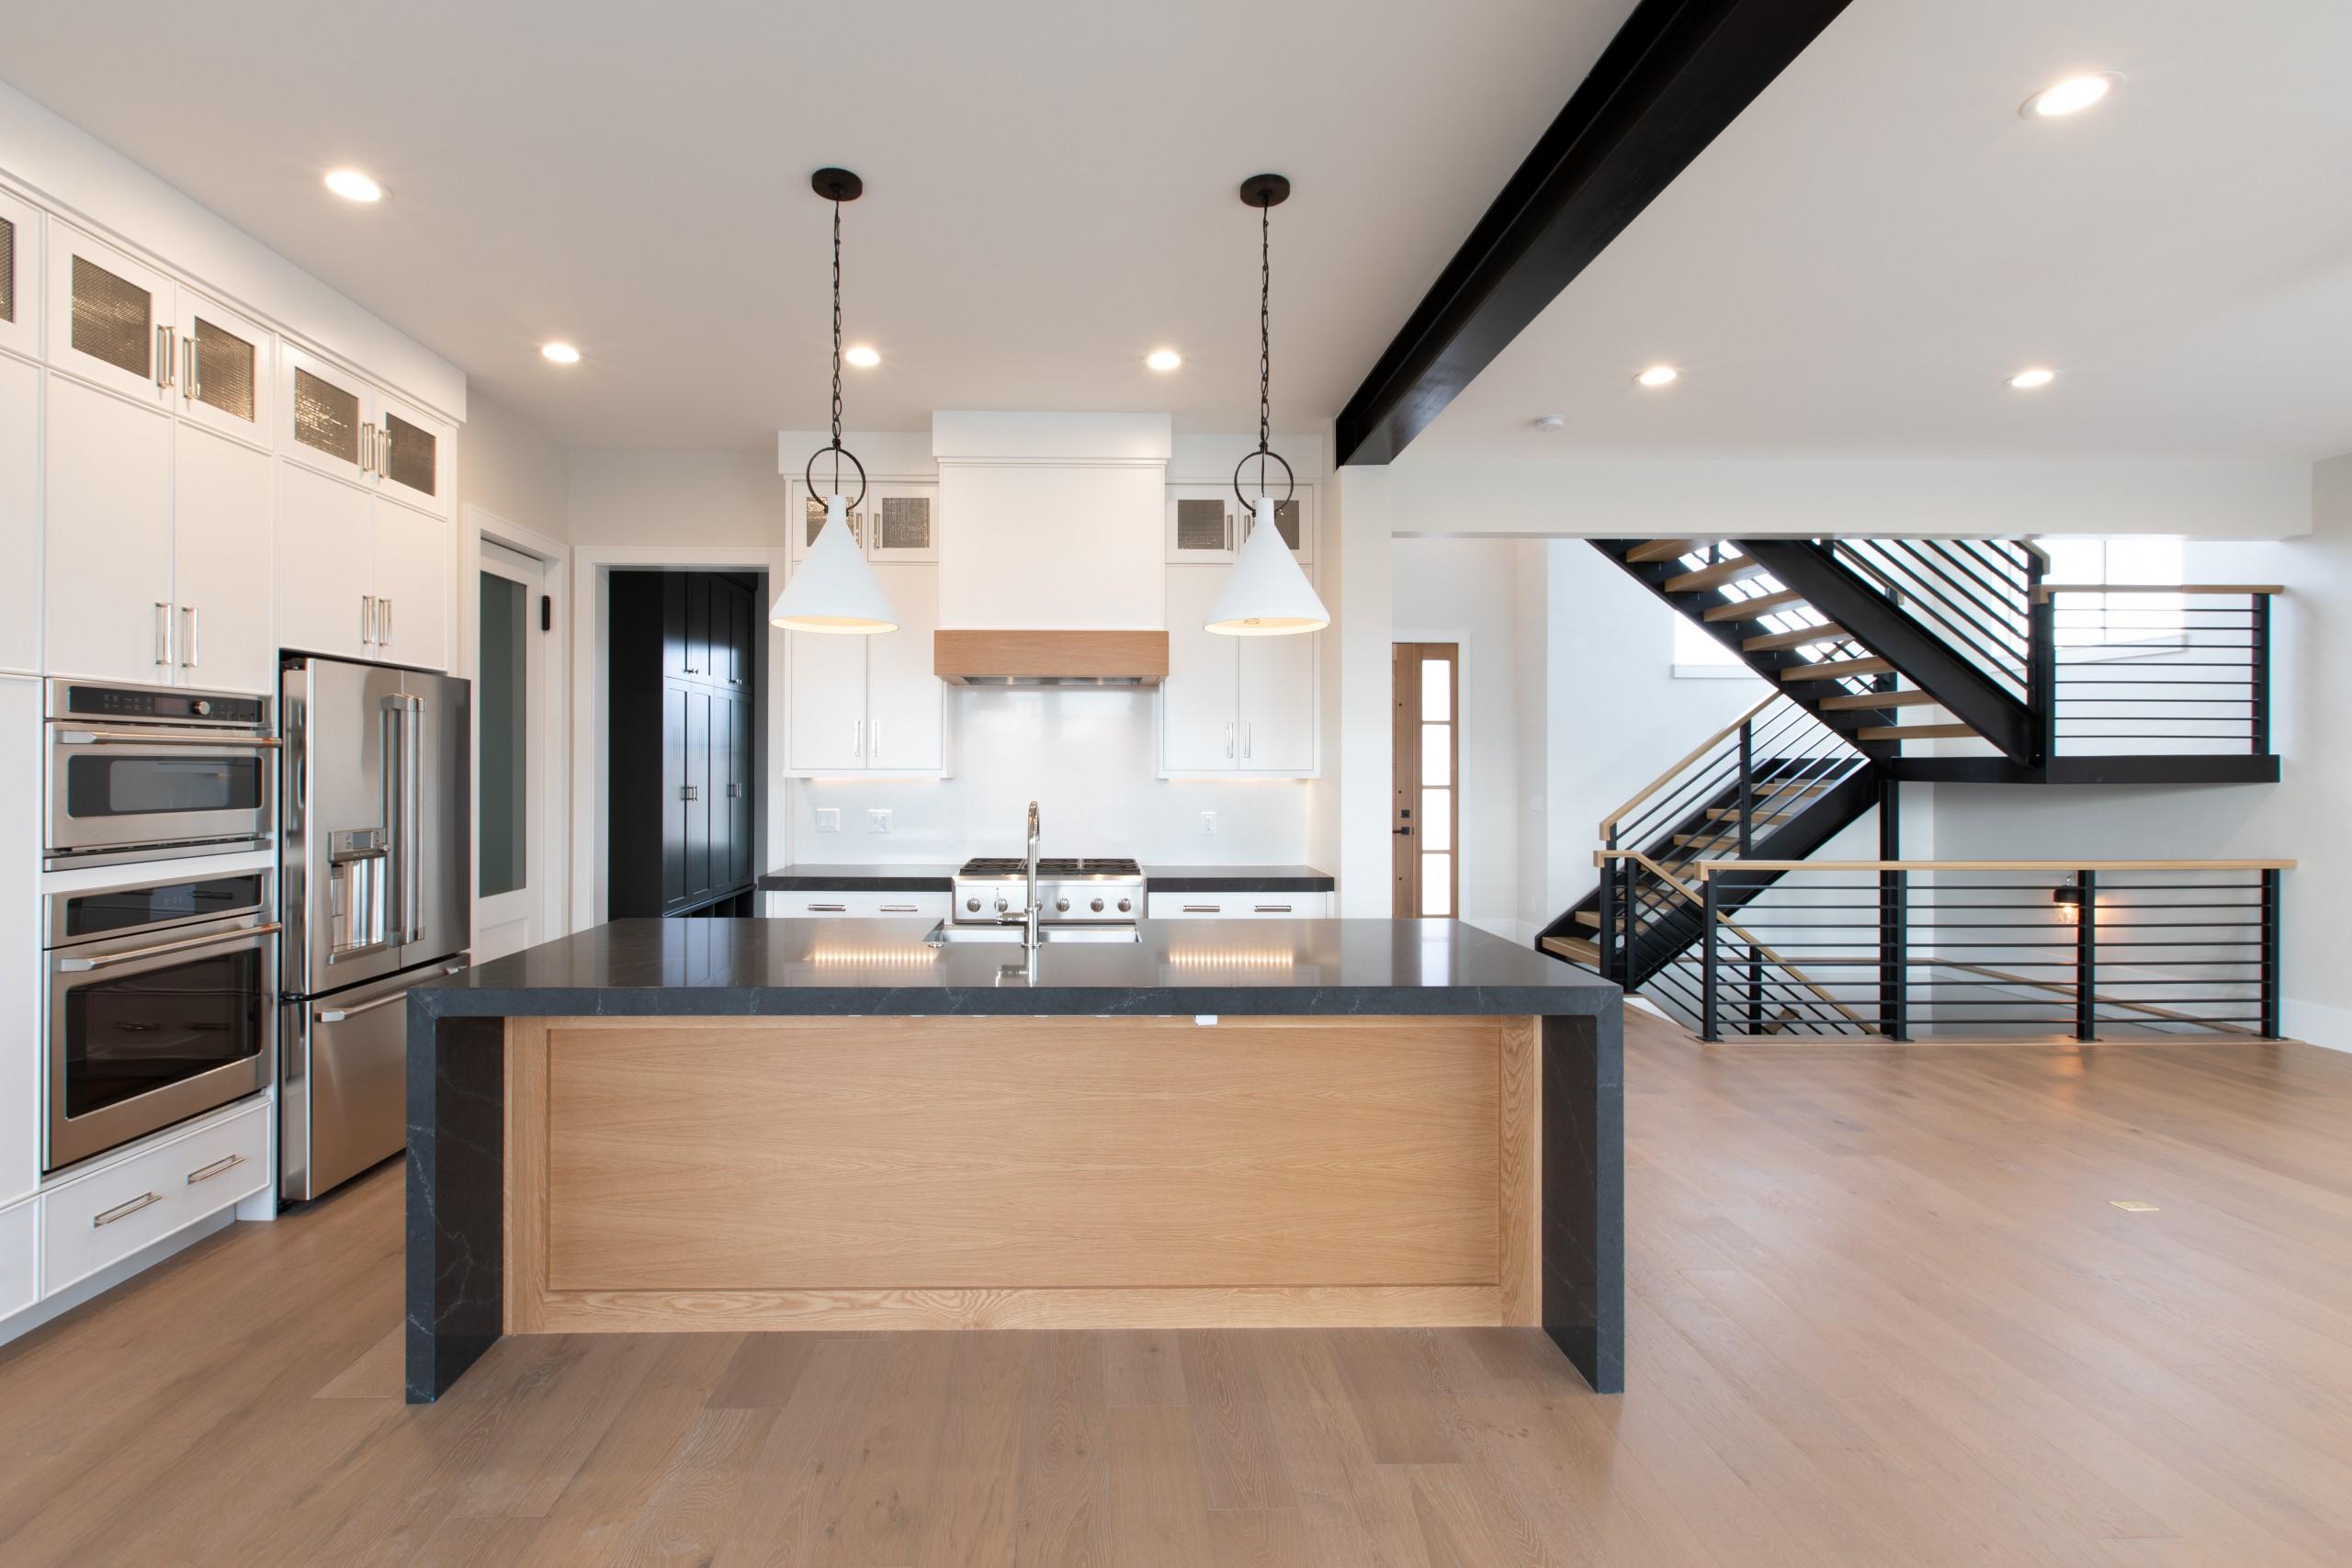 Interior Photography: Kitchen Straight-on